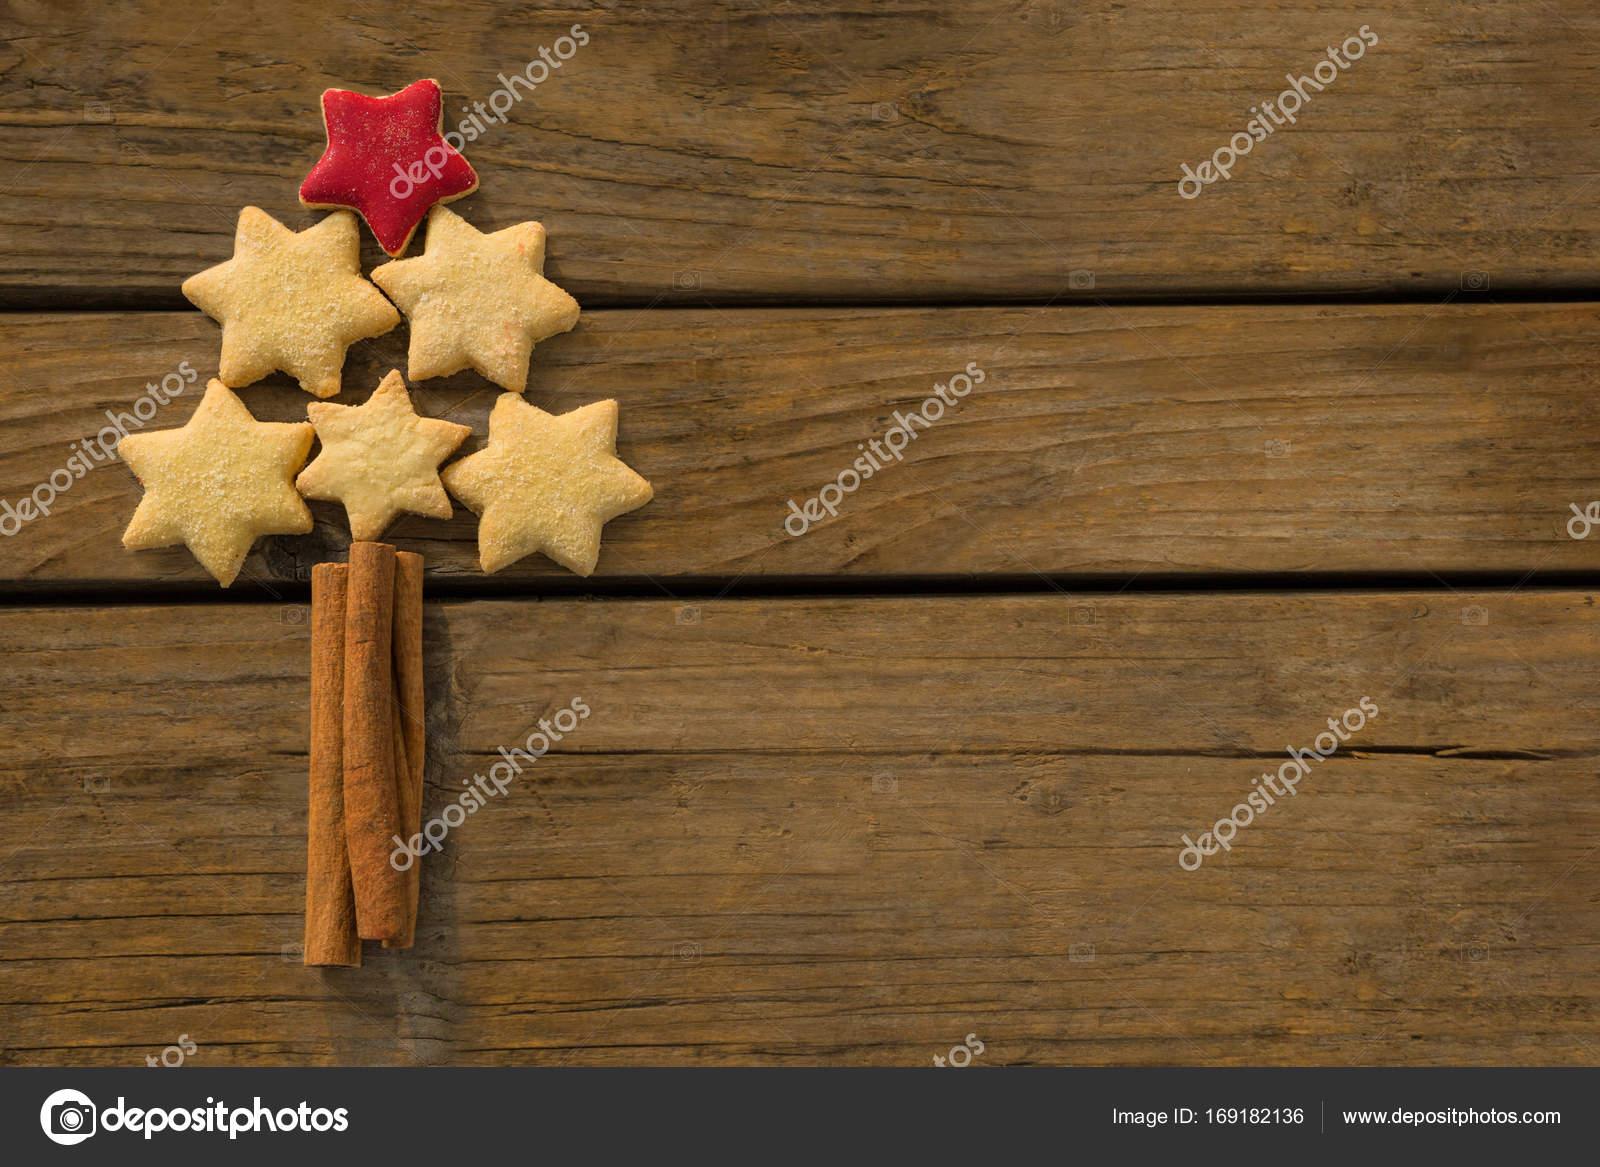 Albero Di Natale Fatto Con I Biscotti.Albero Di Natale Fatto Con Biscotti A Forma Di Stella Foto Stock